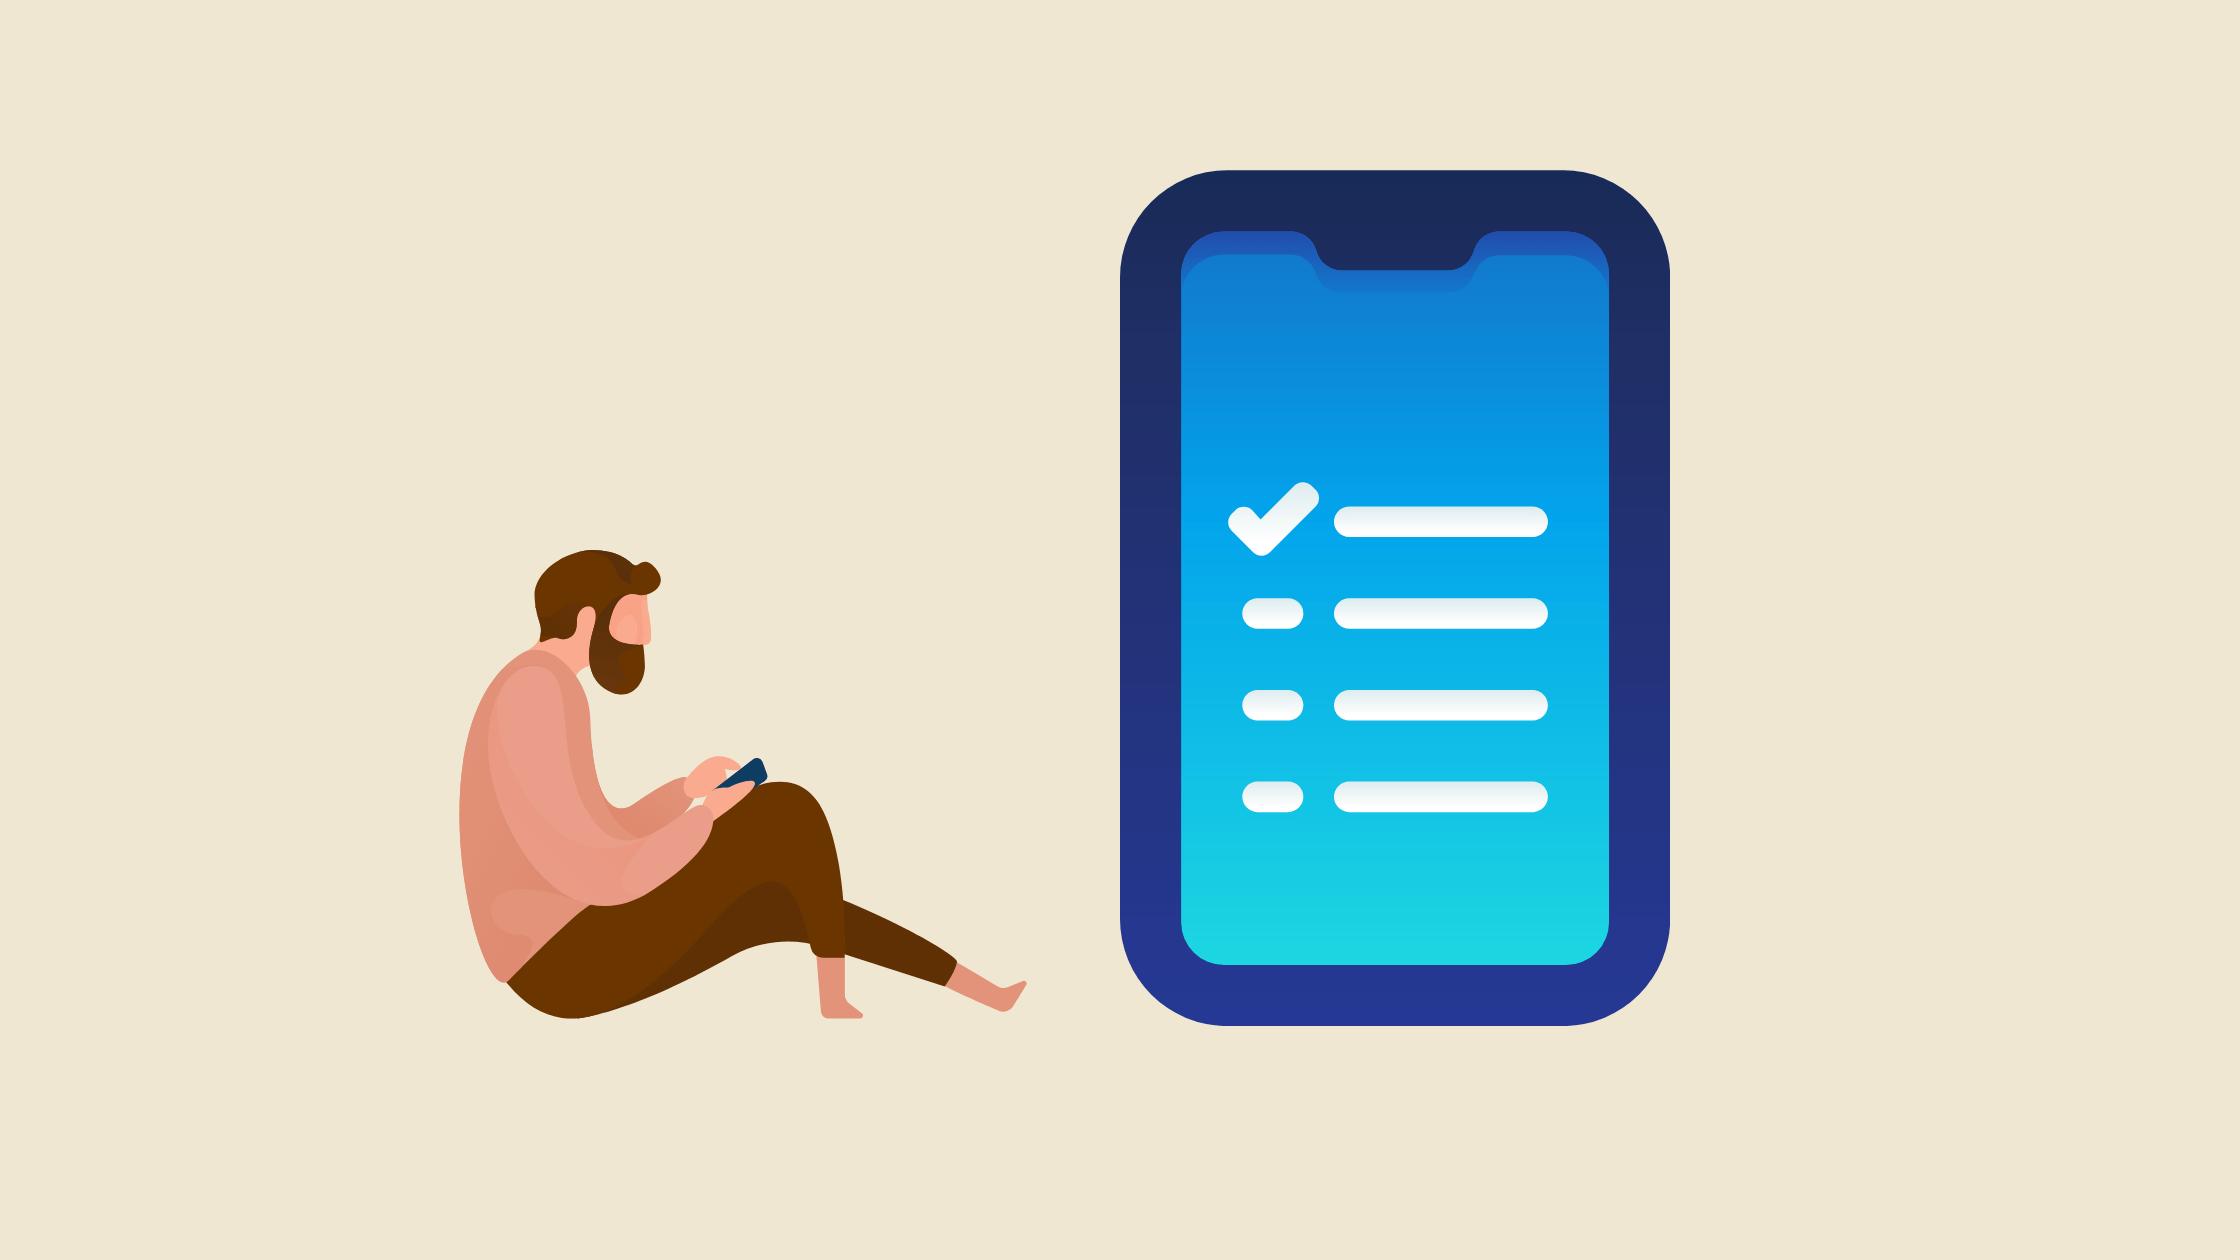 En el mundo actual, es muy importante que las empresas ofrezcan a sus clientes diversos canales de atención y estés listas para adaptarse a las aplicaciones de mensajería emergentes.